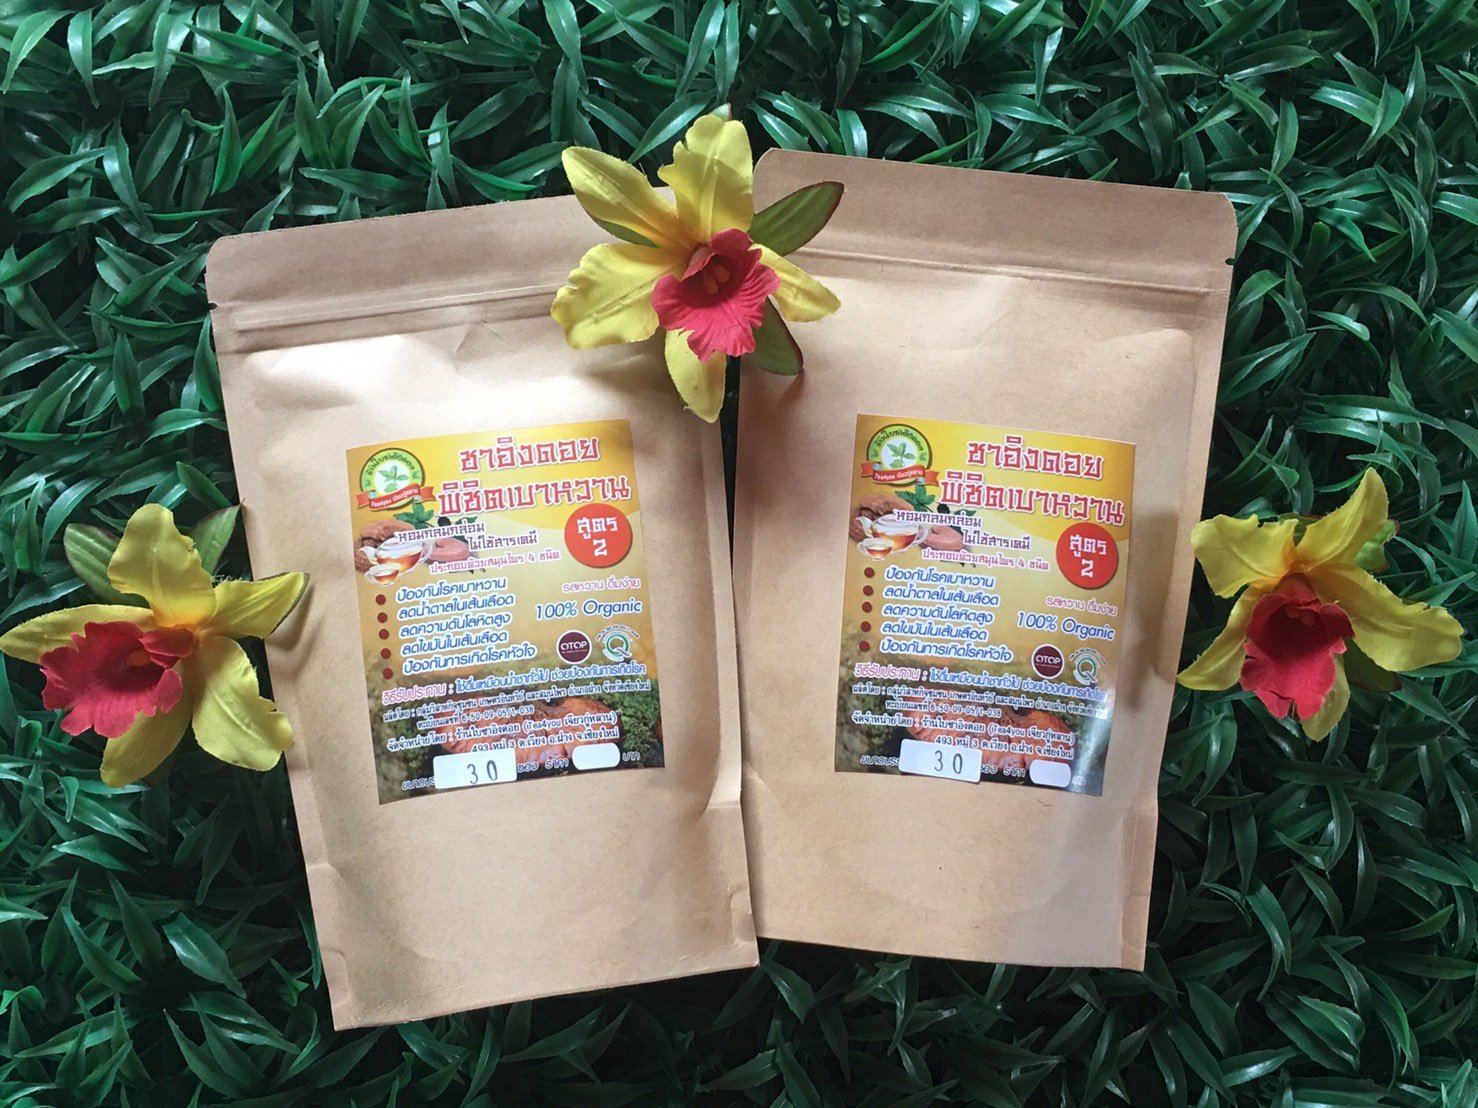 ชาอิงดอย สูตร 2 (รสหวาน ชุ่มคอ) ชาสมุนไพรสำหรับผู้ป่วยเบาหวาน บรรจุ 30 ซองชา